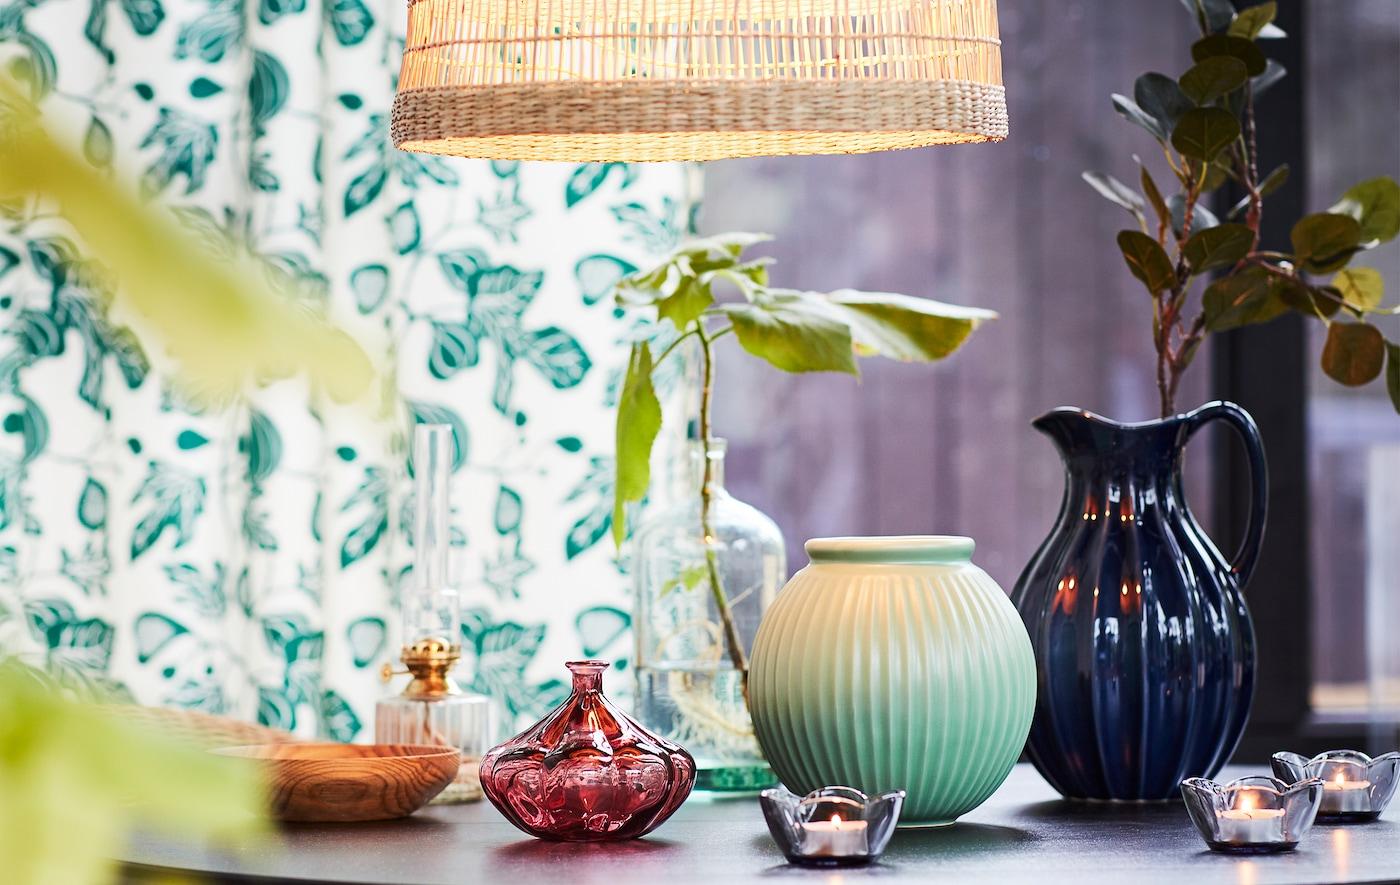 Une table décorée avec de petits vases et des bougies, du feuillage et des touches printanières.